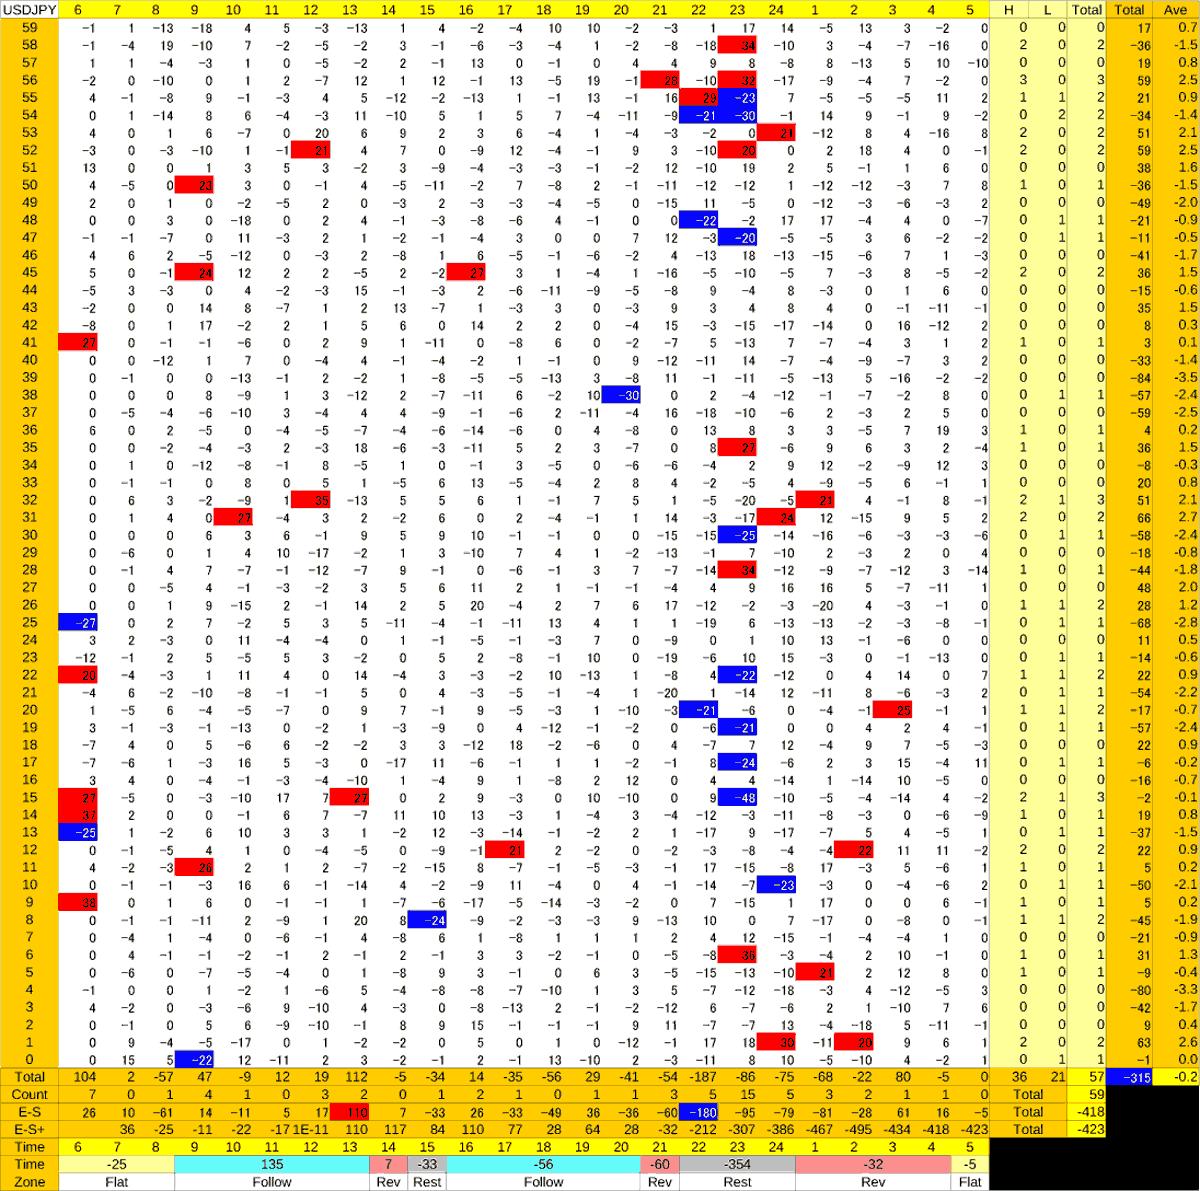 20200721_HS(1)USDJPY